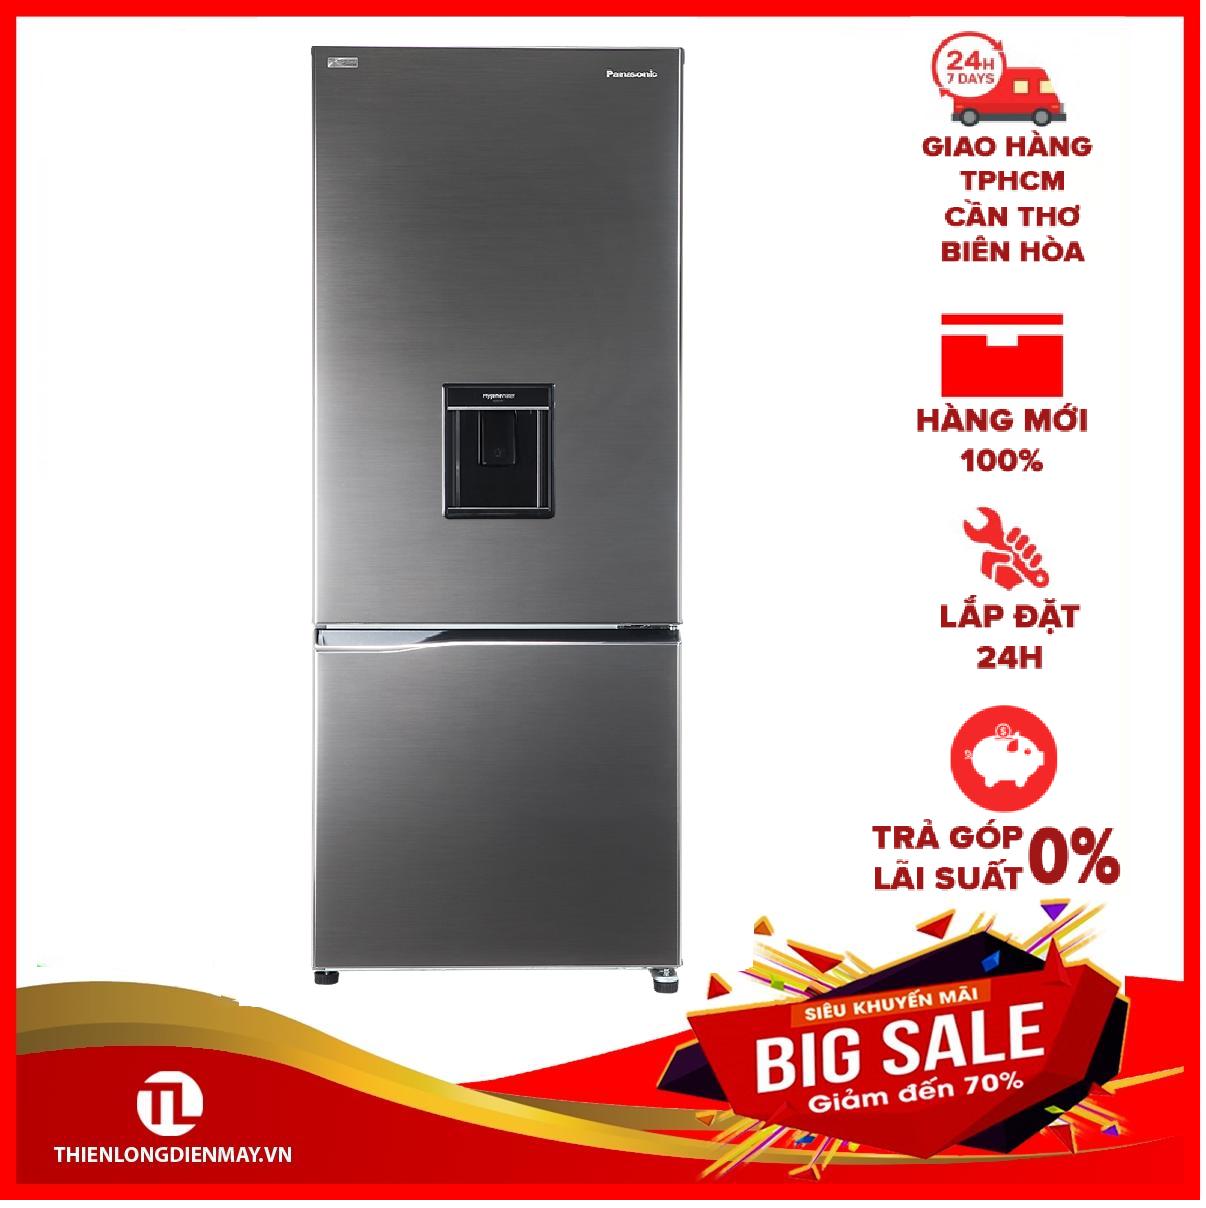 [GIAO HÀNG 2 – 15 NGÀY, TRỄ NHẤT 30.09] [Trả góp 0%]Tủ lạnh Panasonic Inverter 290 lít NR-BV320WSVN